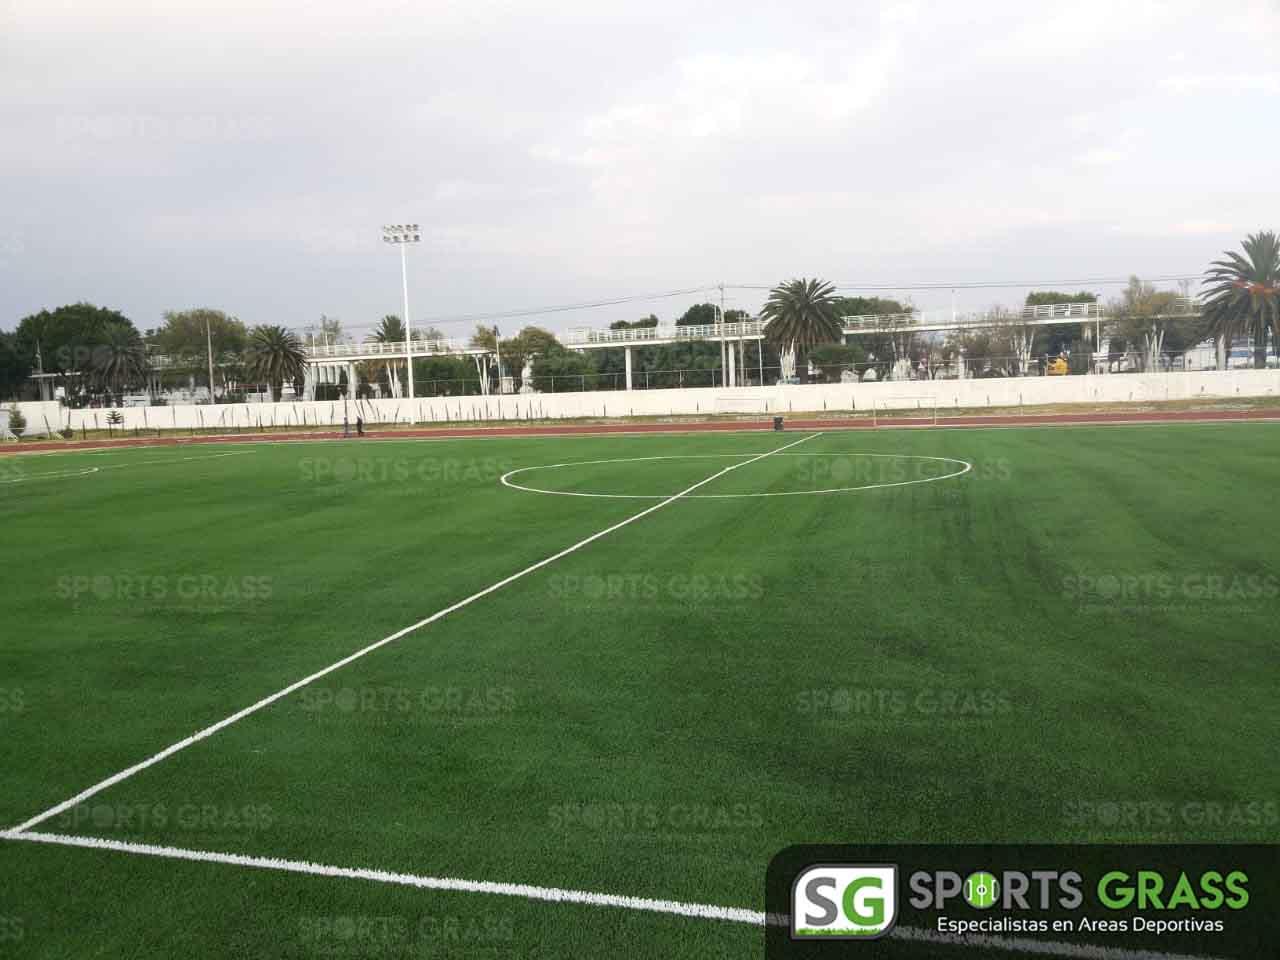 Cancha Futbol Soccer BINE Benemerito Instintuto Normal del Estado Puebla Sports Grass 15